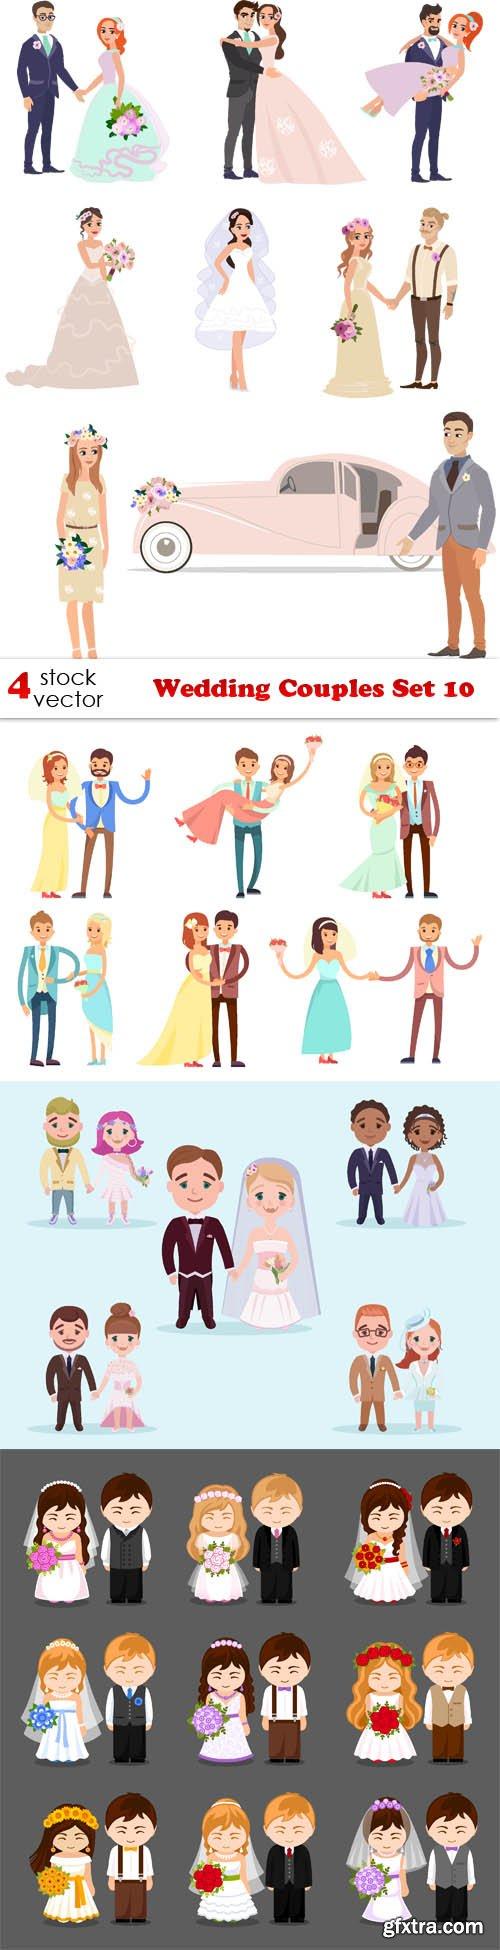 Vectors - Wedding Couples Set 10